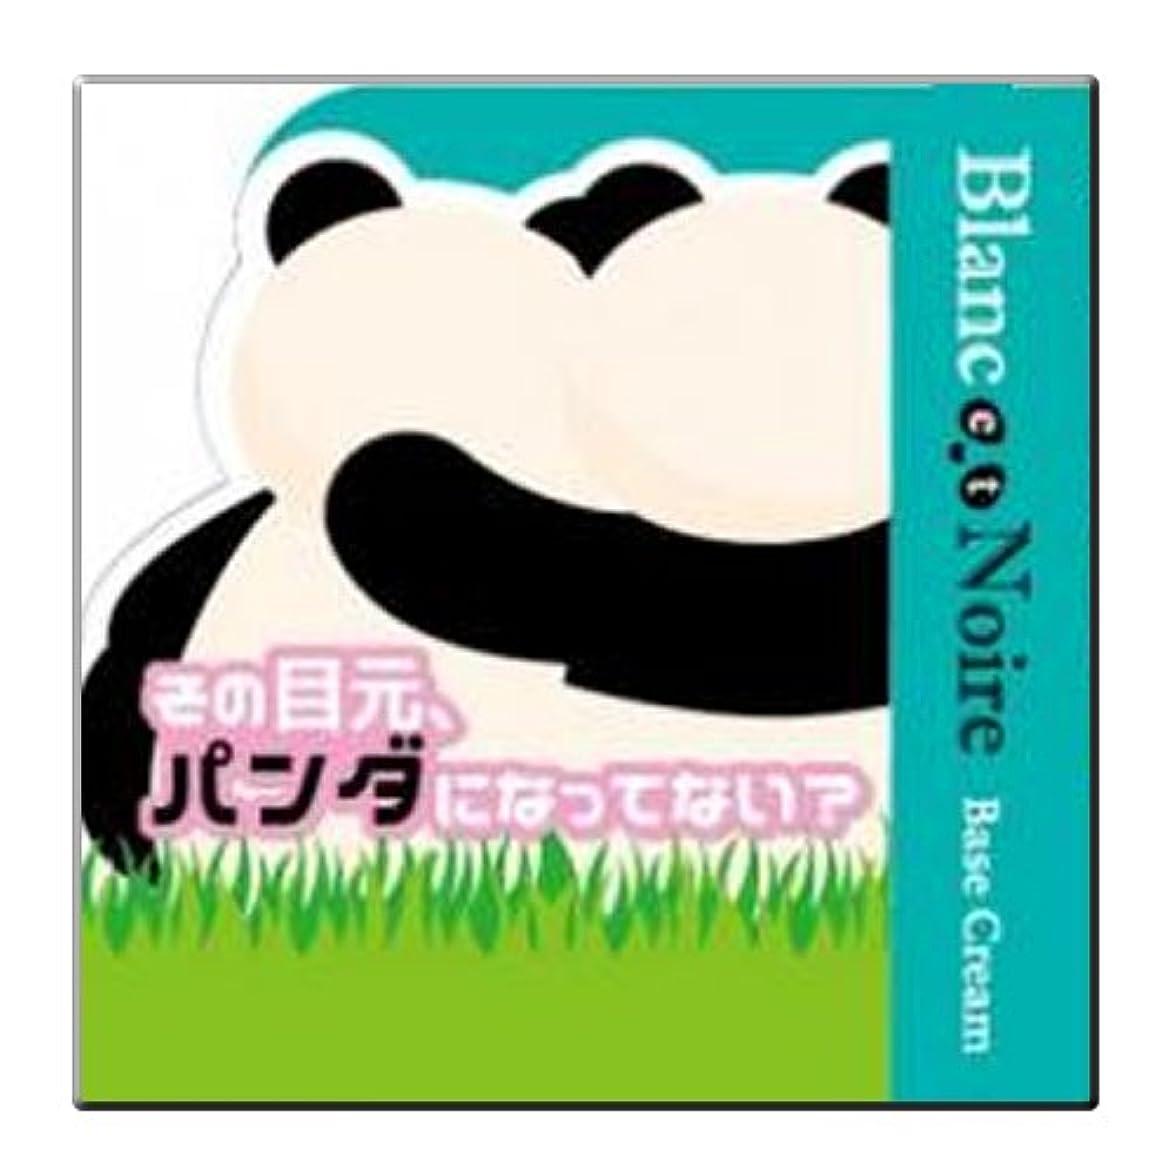 コートヘクタール寝てるBlanc et Noire(ブラン エ ノアール) Base Cream(ベースクリーム) 薬用美白クリームファンデーション 医薬部外品 15g